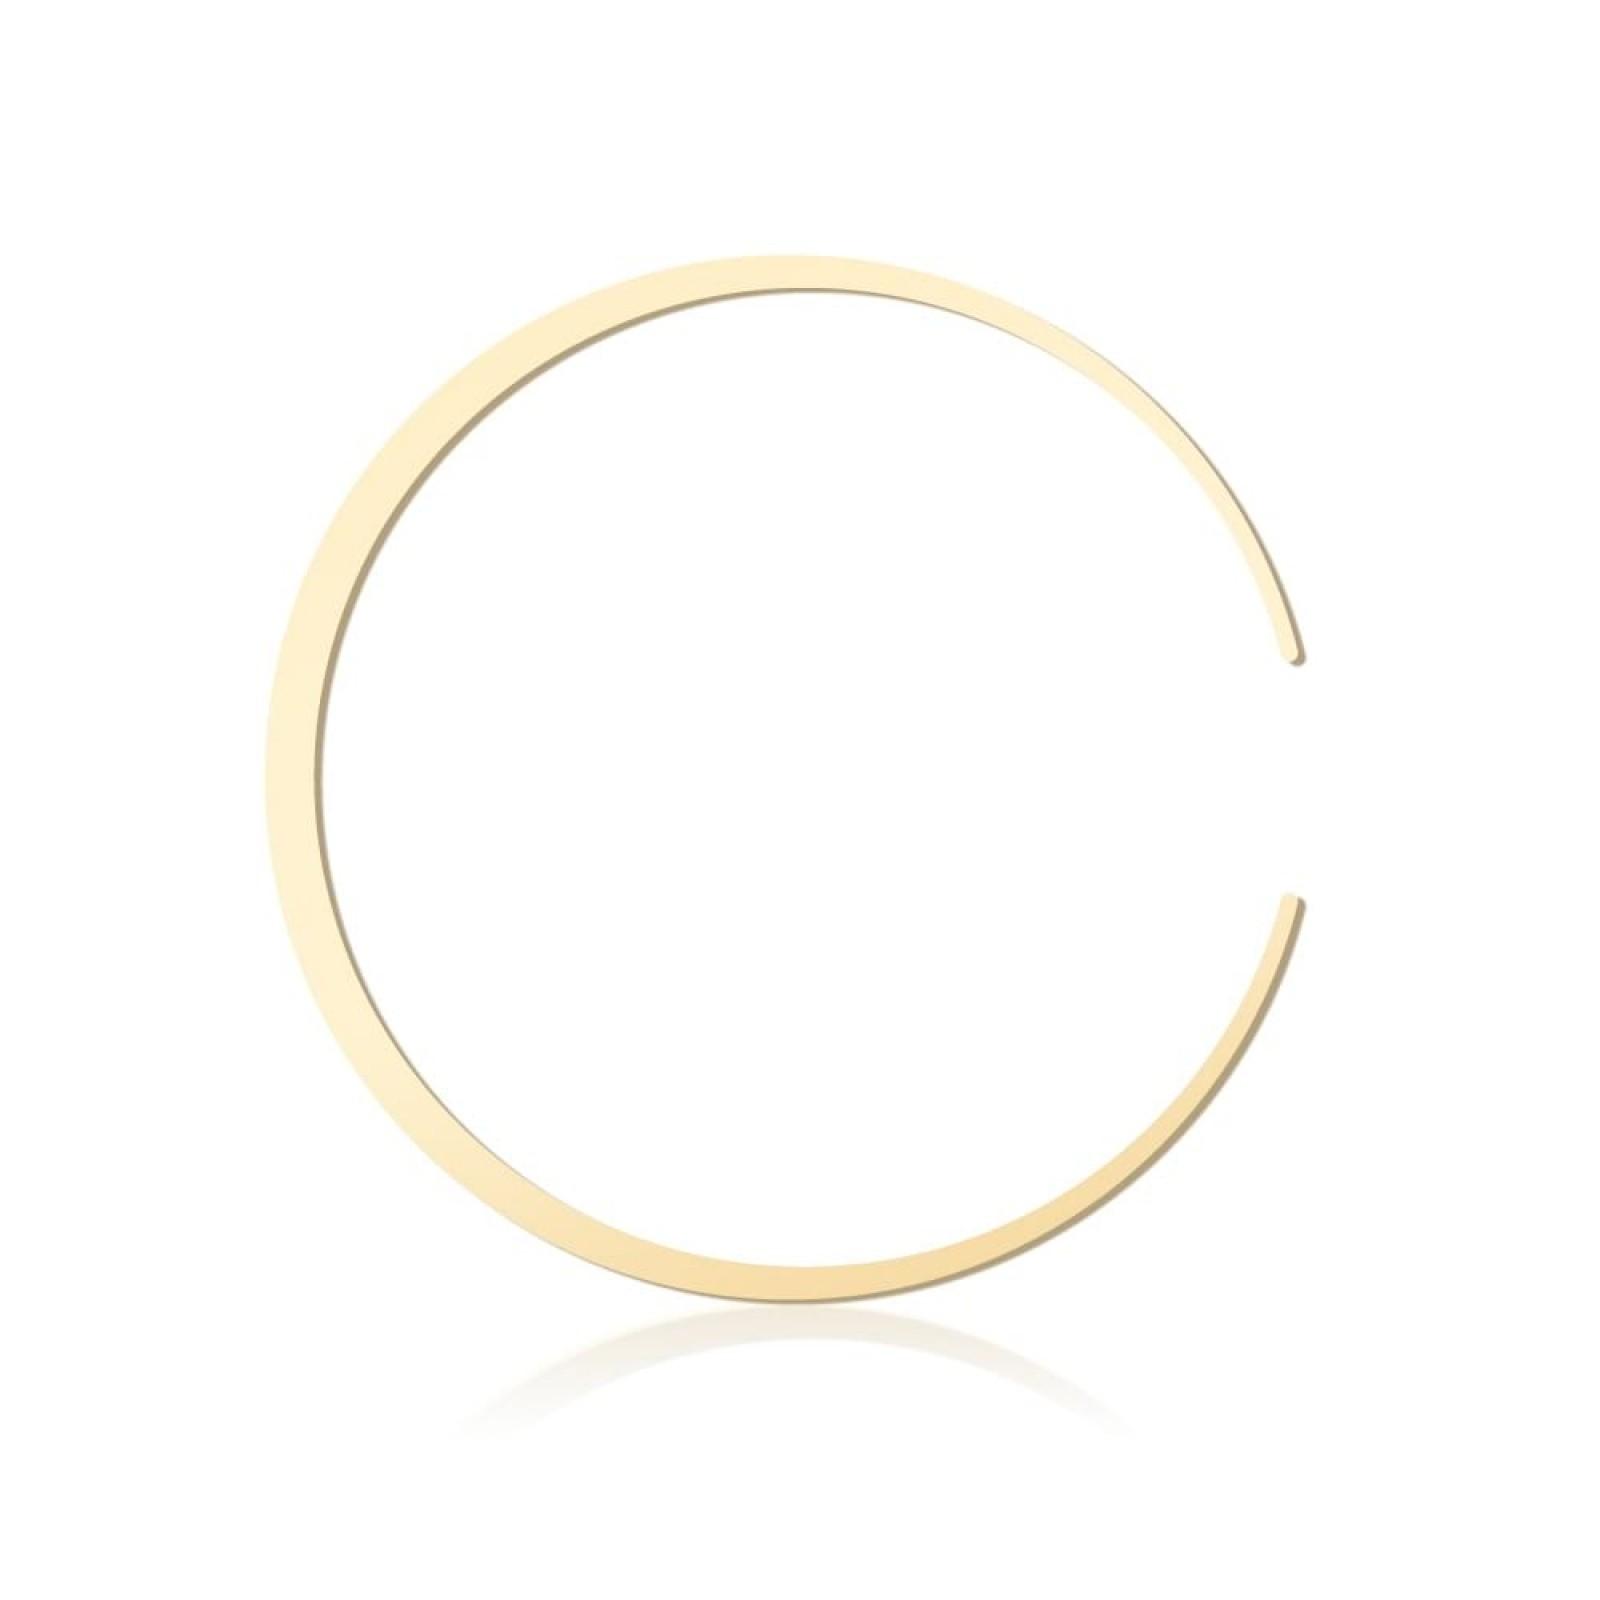 Moonlight Bangle 60mm Gold - Moorigin